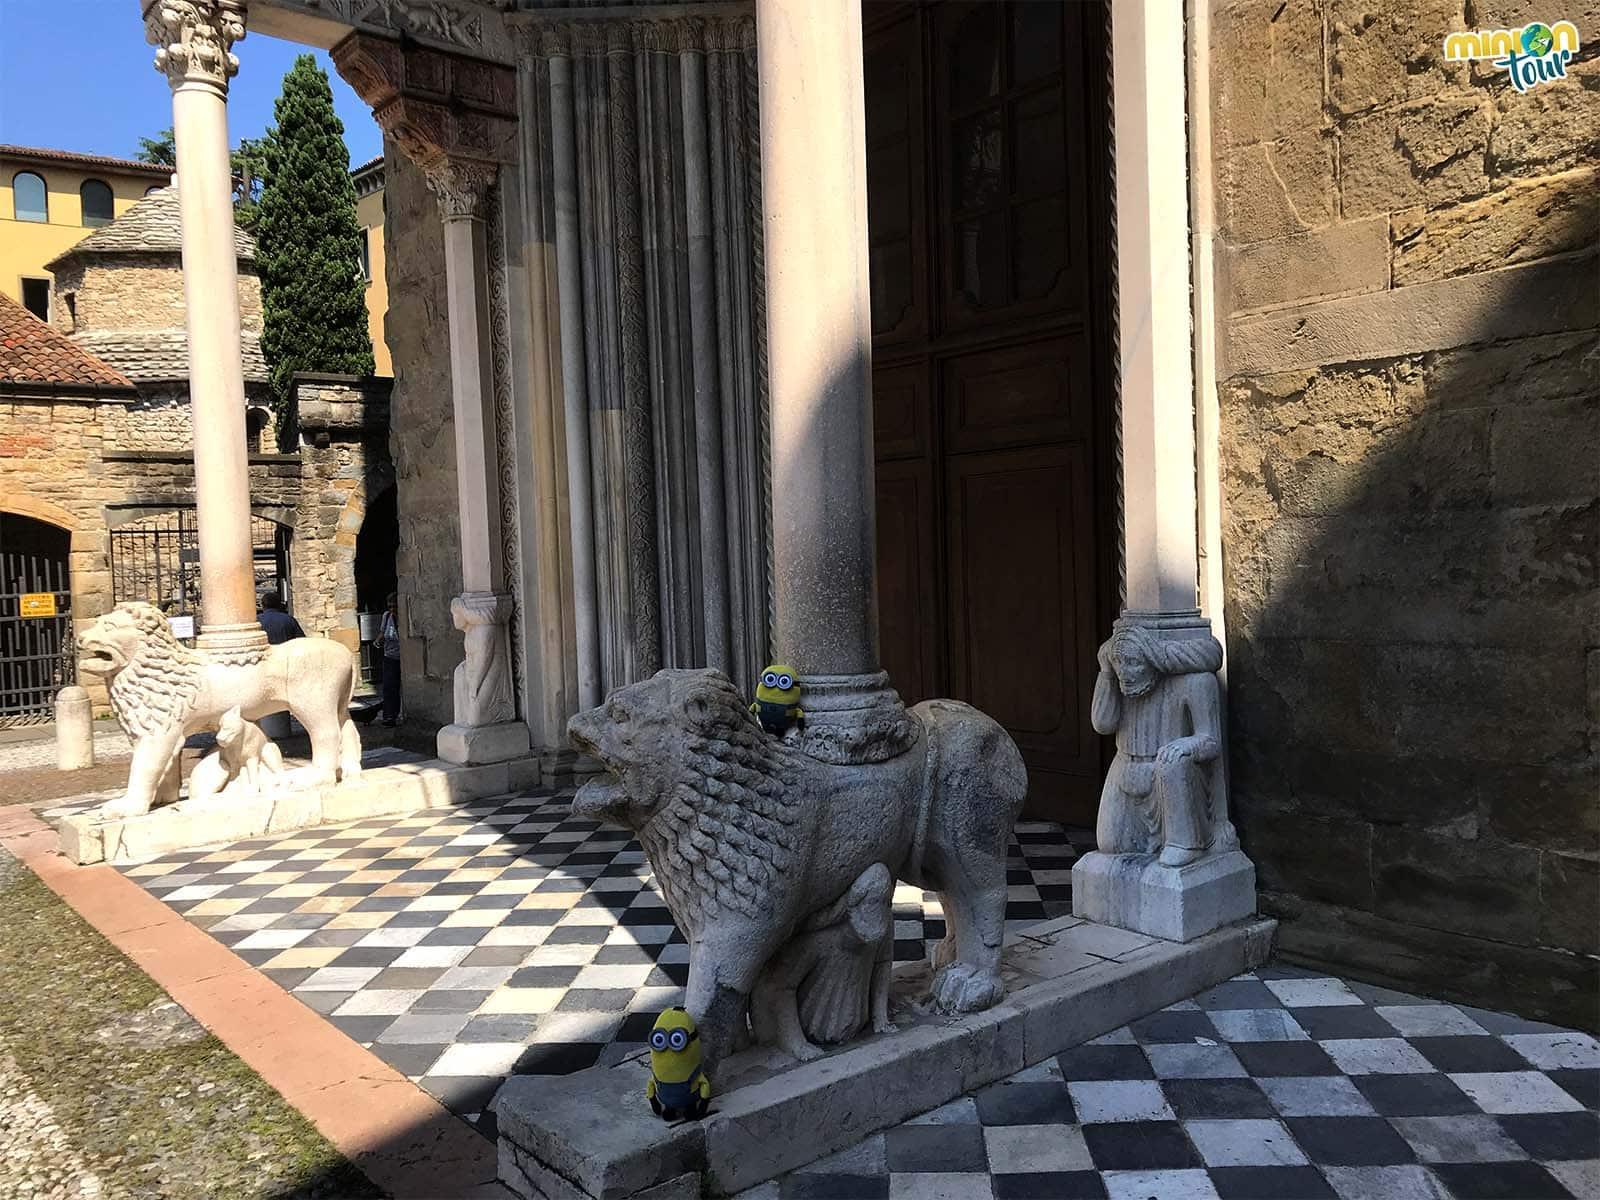 Con los leones de la Basílica de Santa María Maggiore